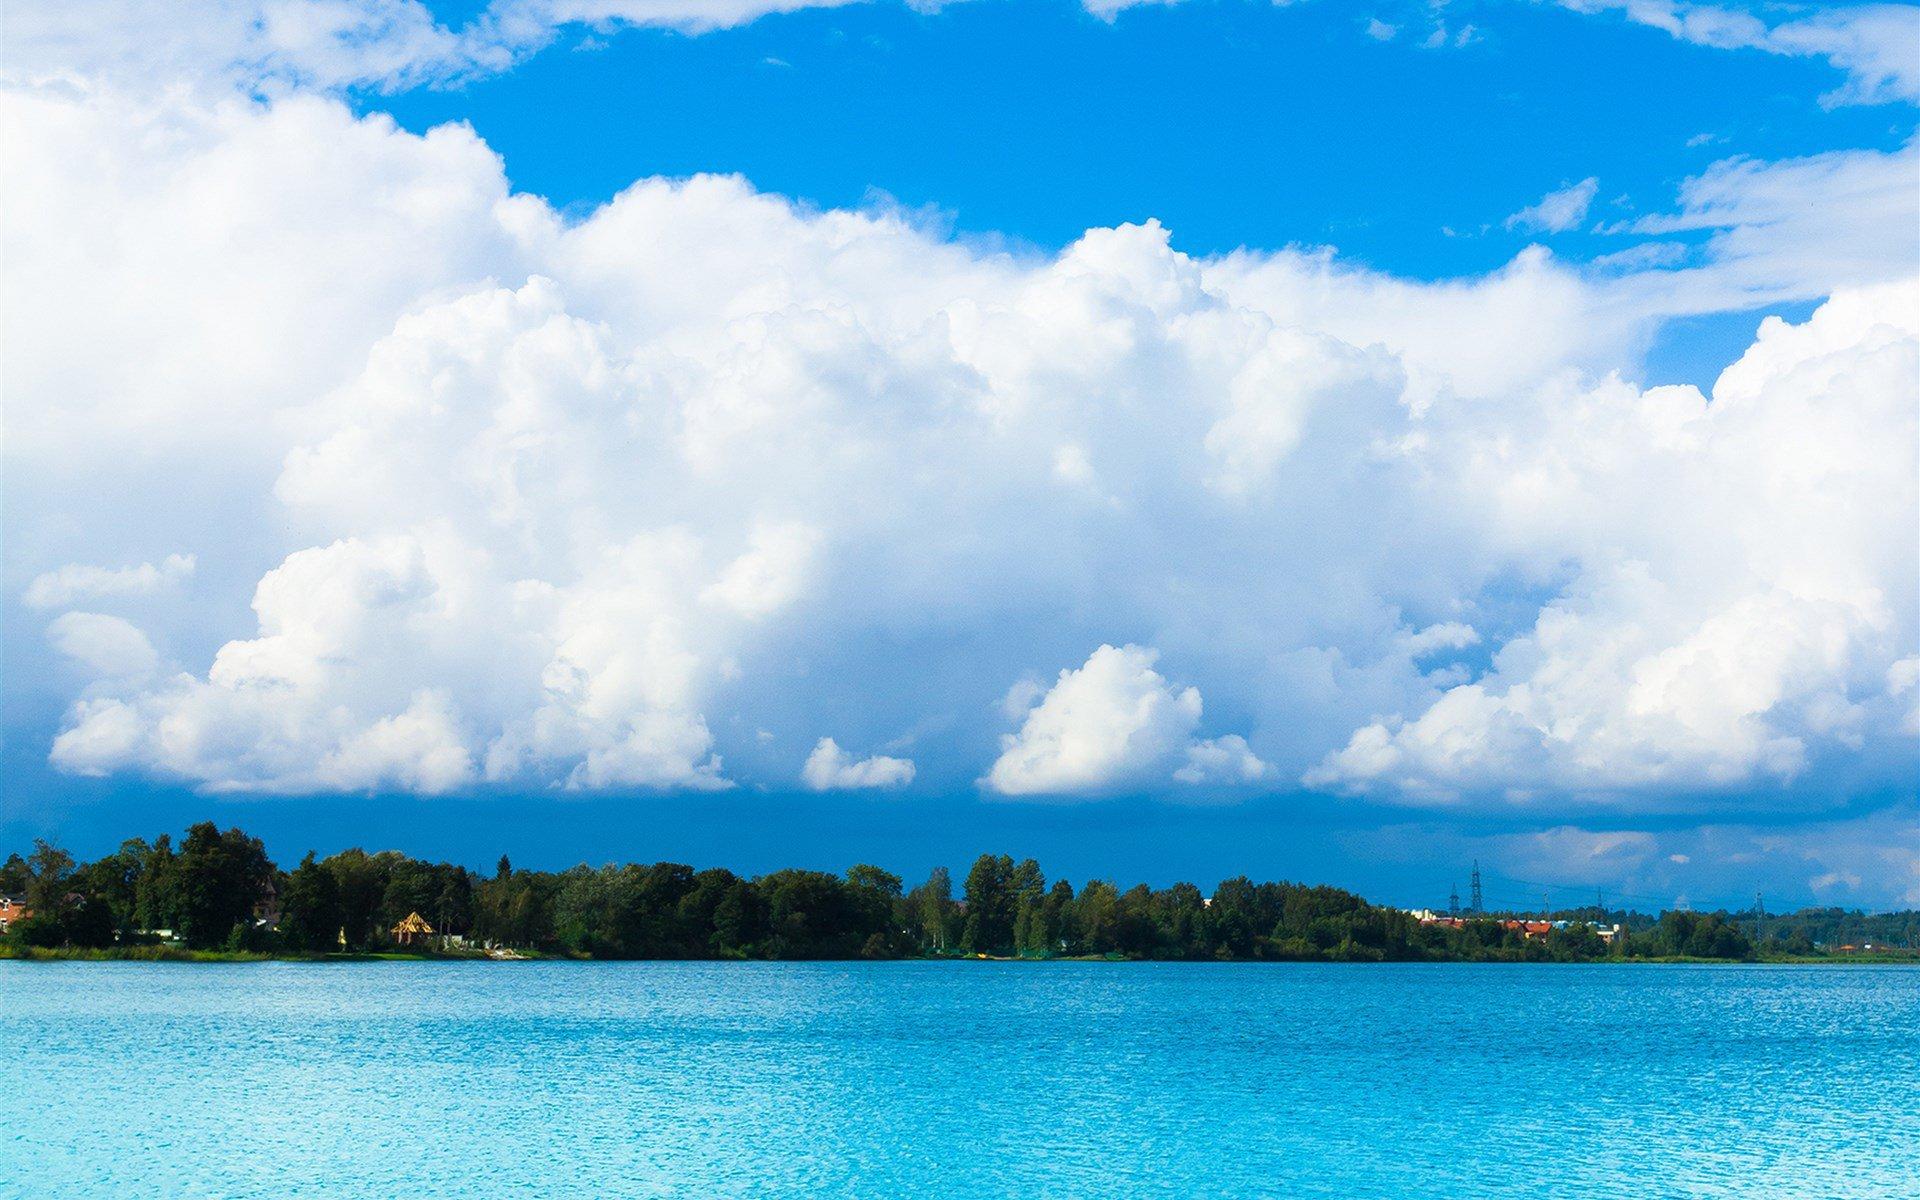 高清桌面壁纸海边风景内容|高清桌面壁纸海边风景版面设计